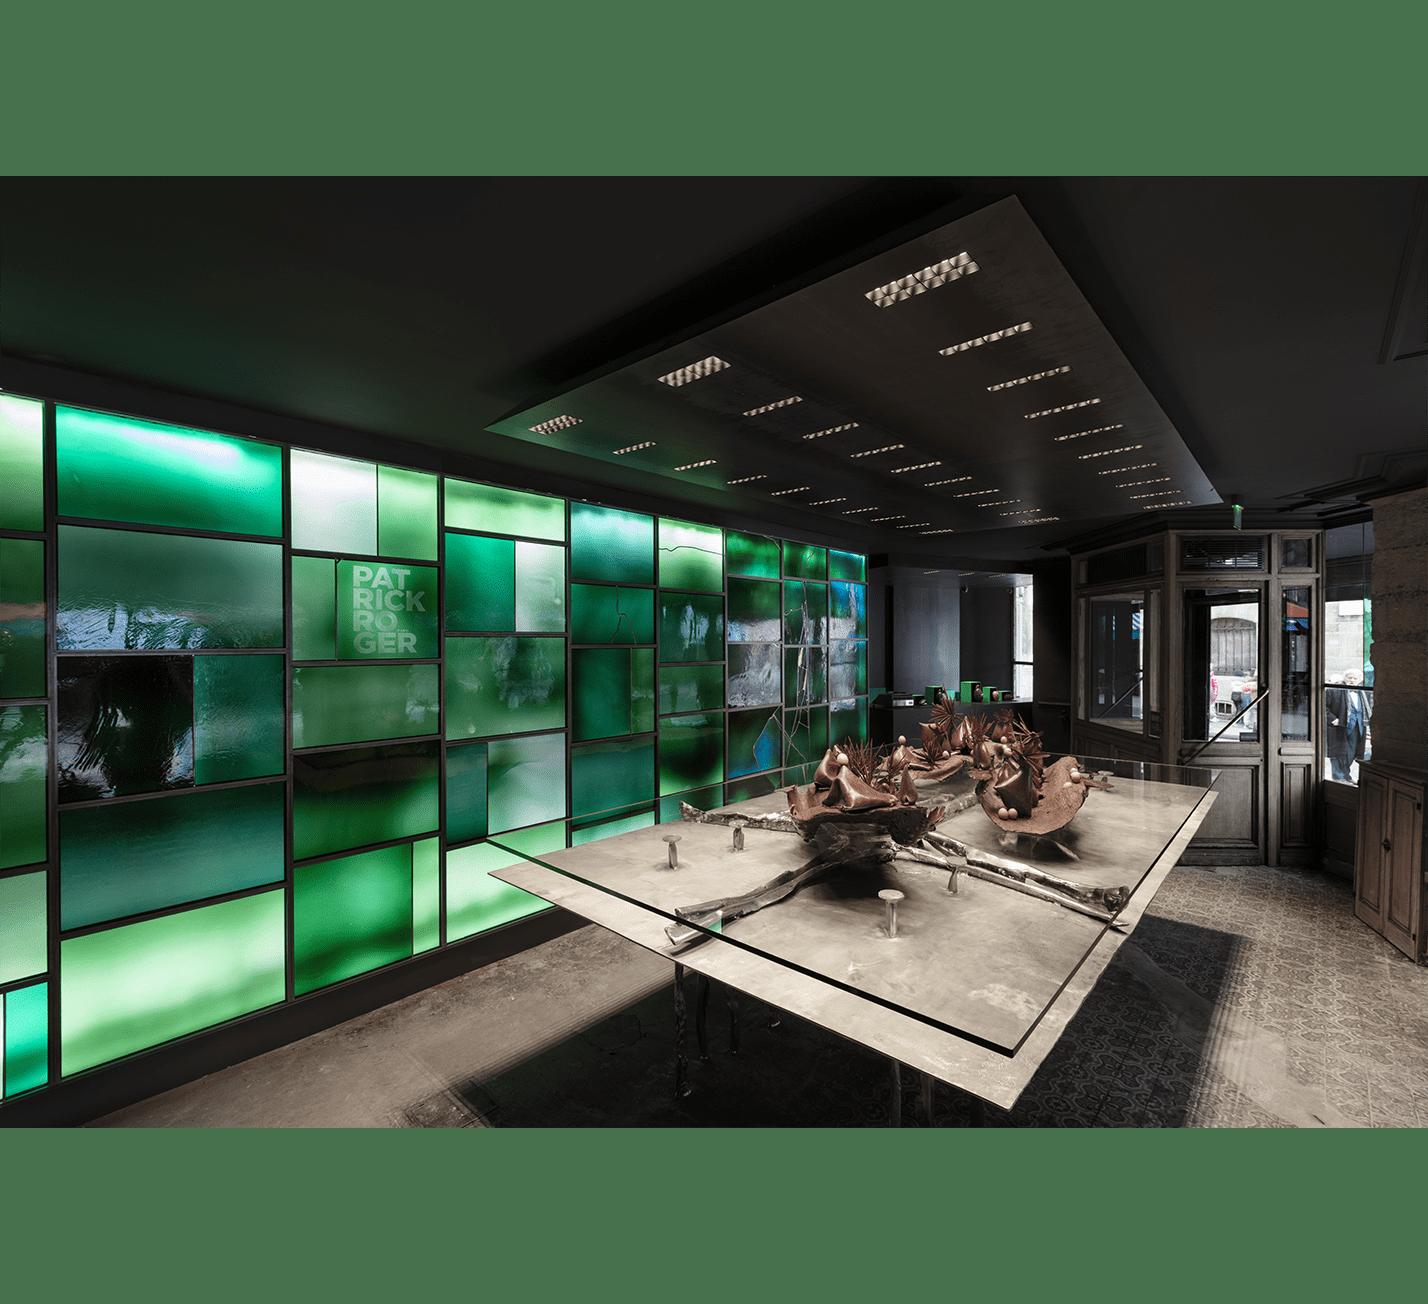 Projet-Patrick-Roger-Atelier-Steve-Pauline-Borgia-Architecture-interieur-02-min